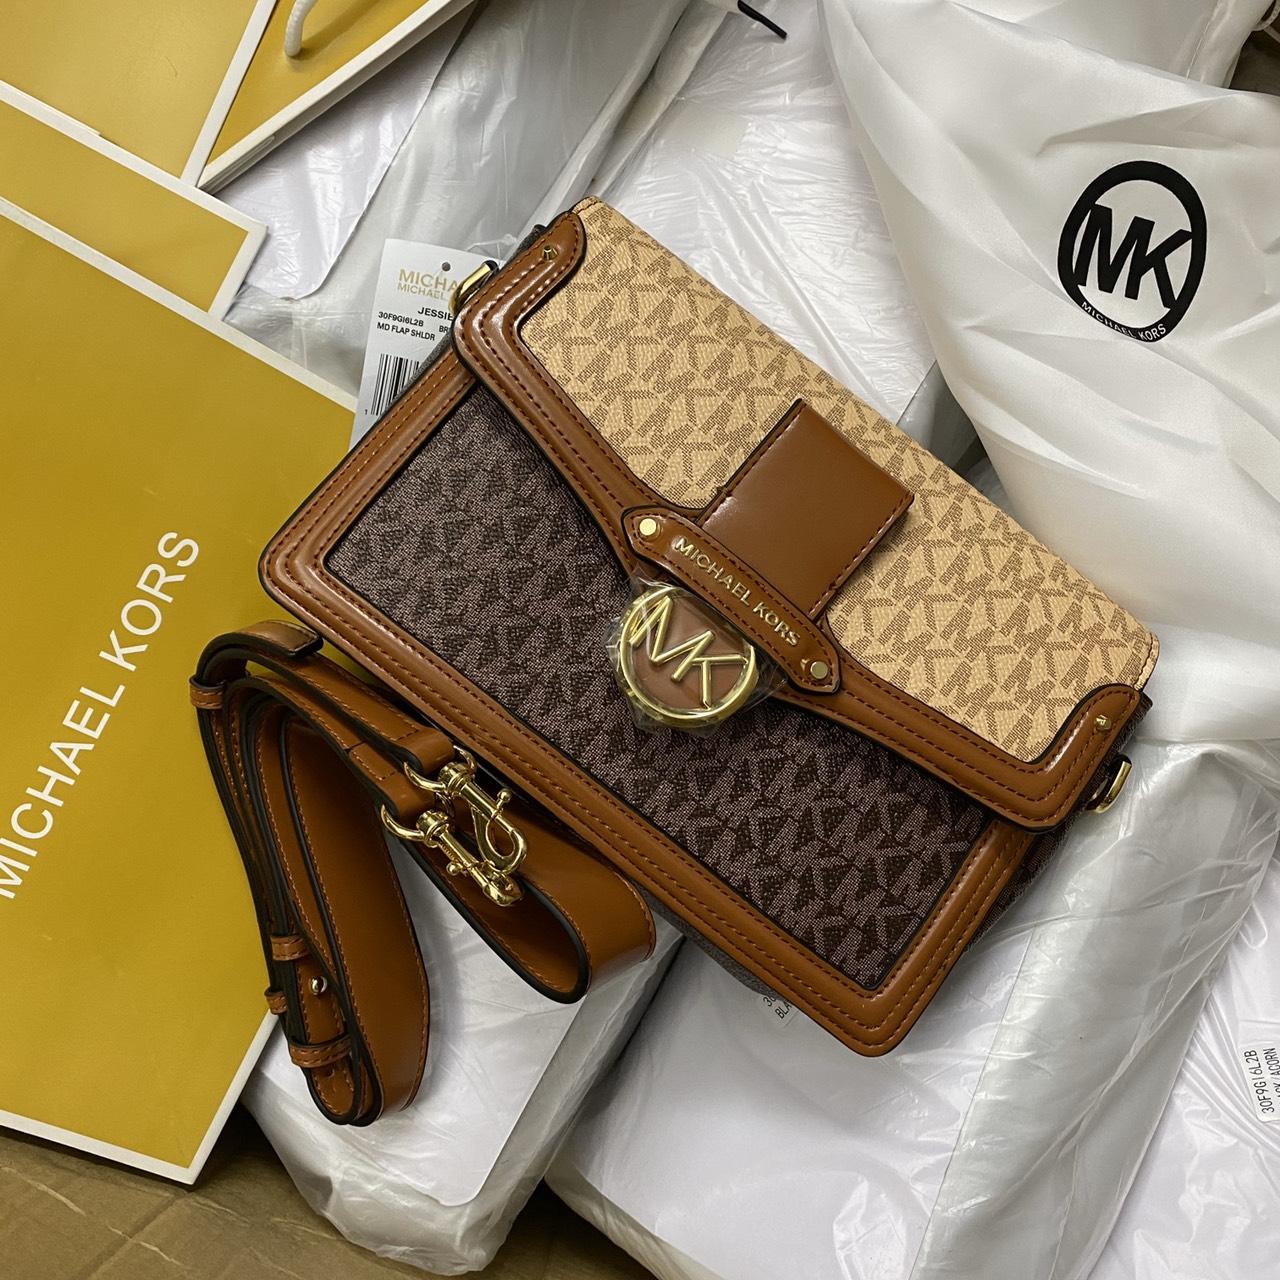 Túi MK hộp nắp mũi tên khóa tròn - MK11